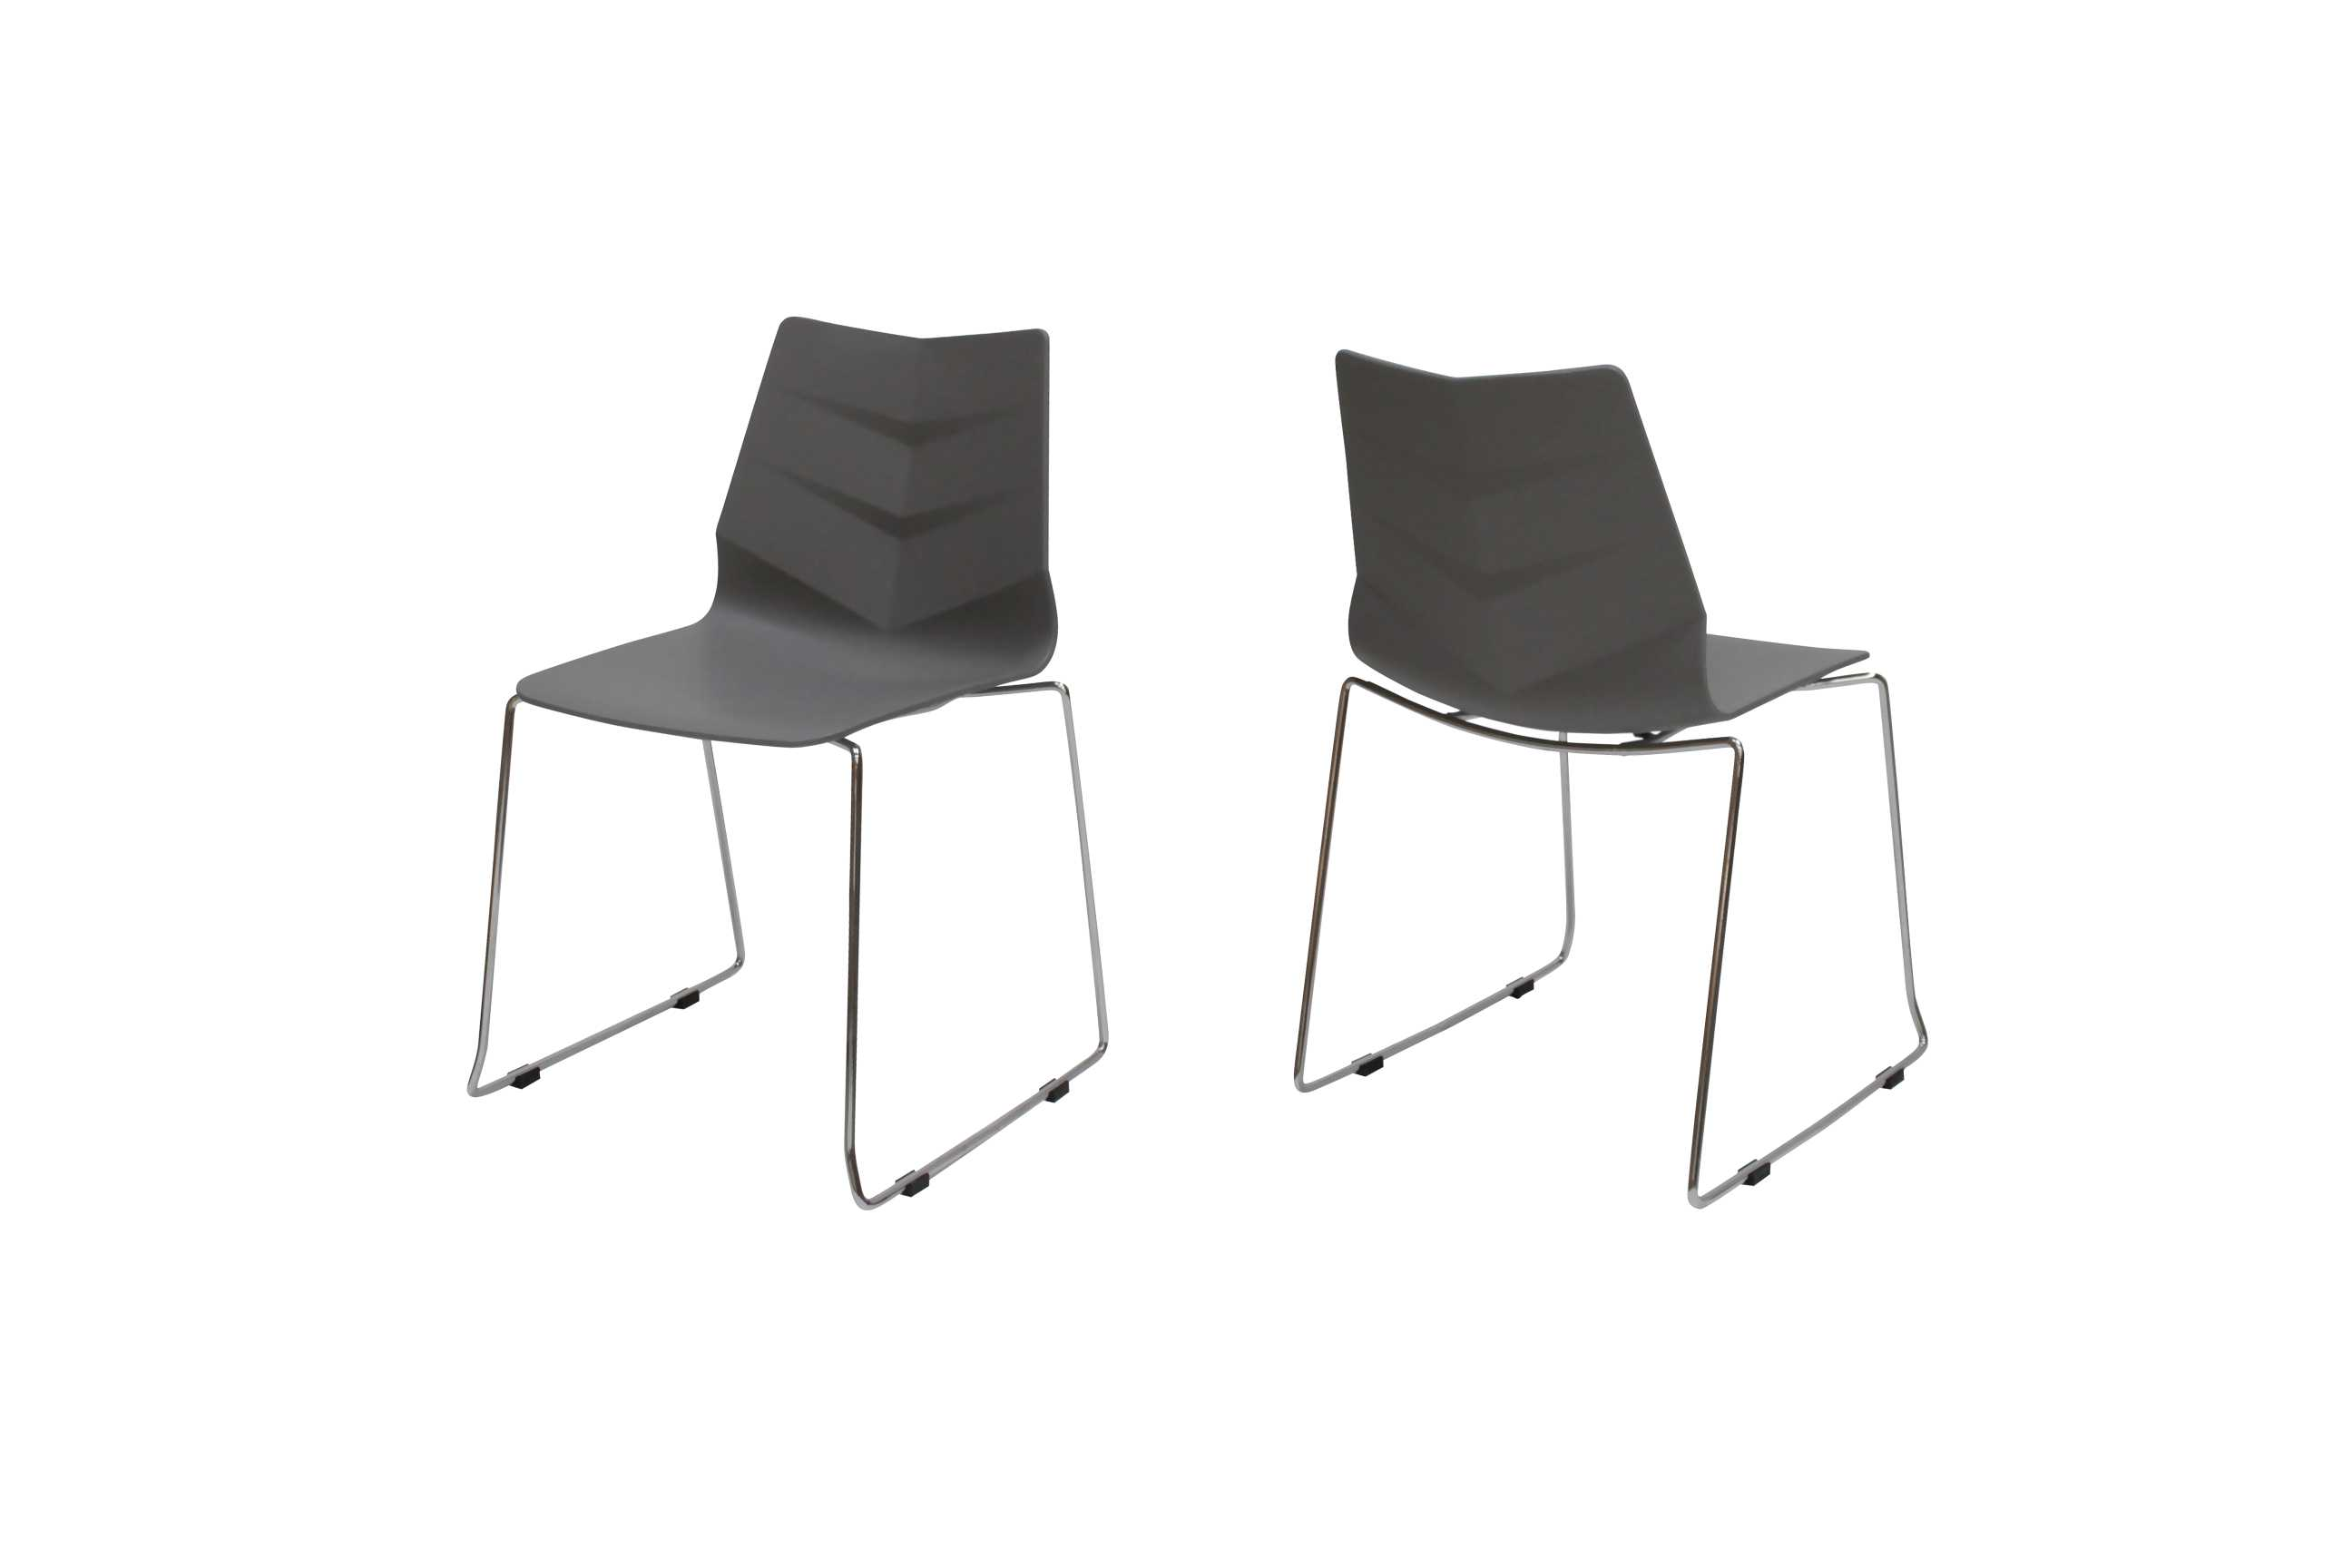 Billede af Louis stol